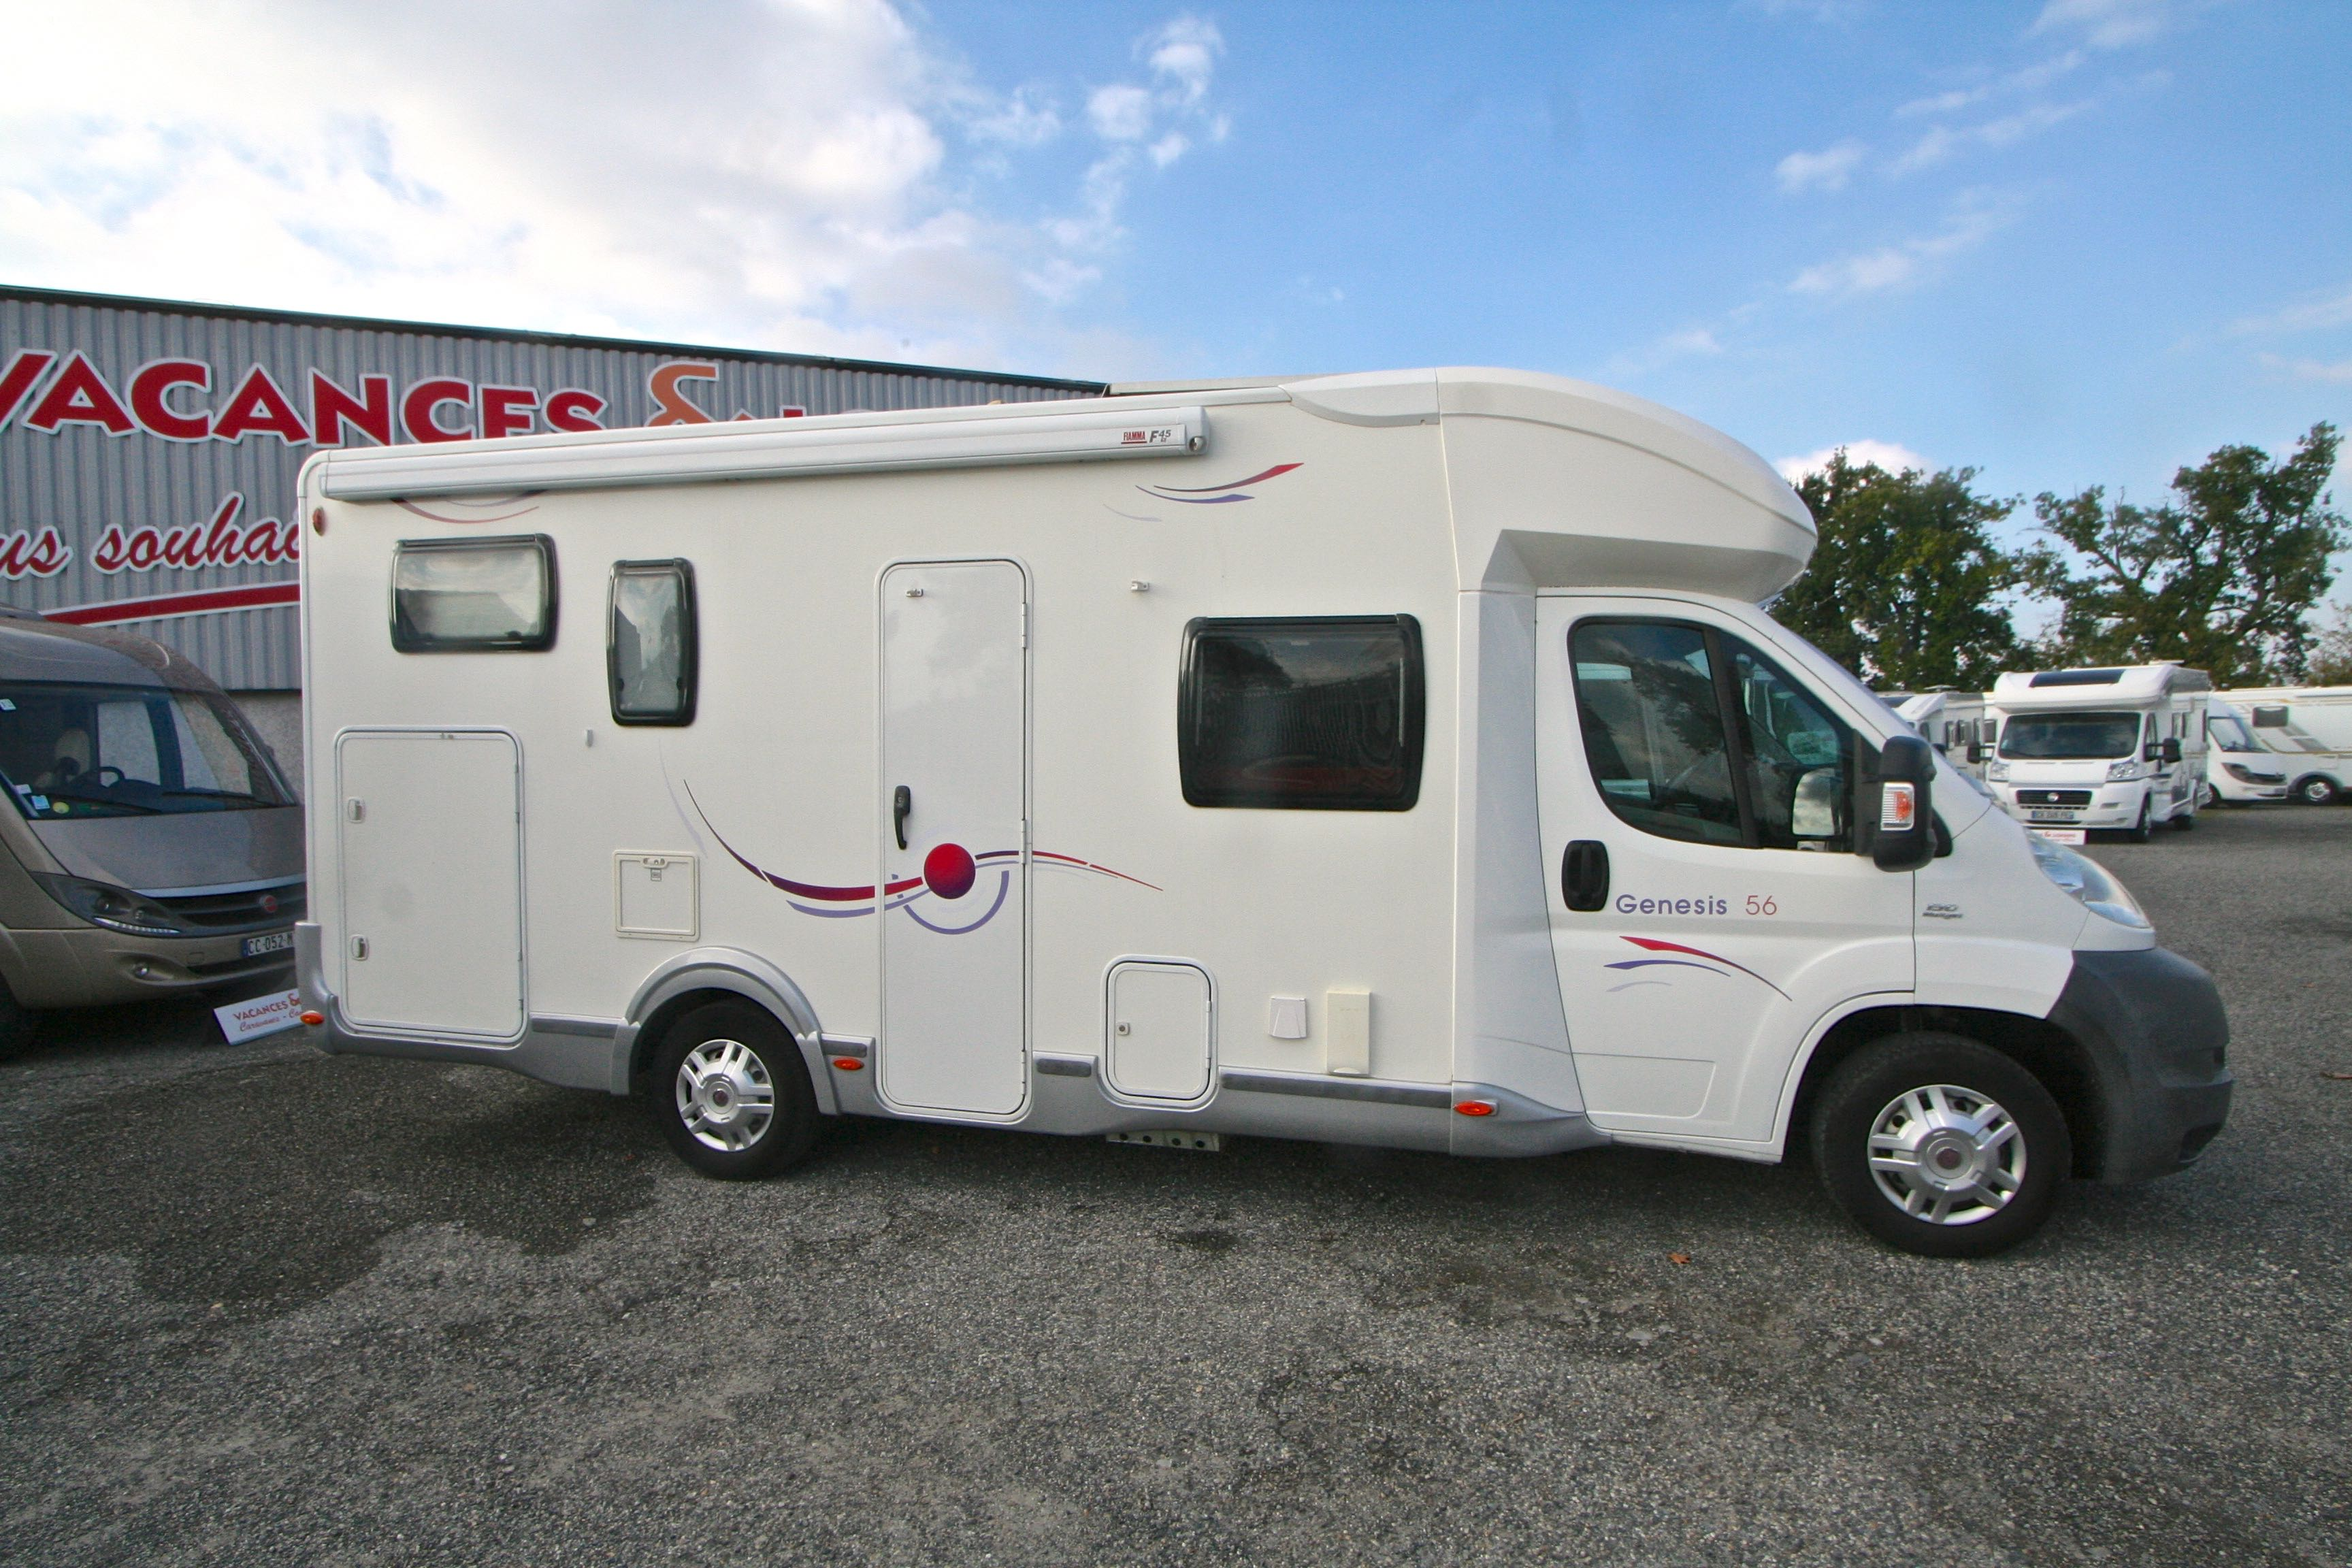 challenger genesis 56 occasion de 2010 fiat camping car en vente roques sur garonne haute. Black Bedroom Furniture Sets. Home Design Ideas